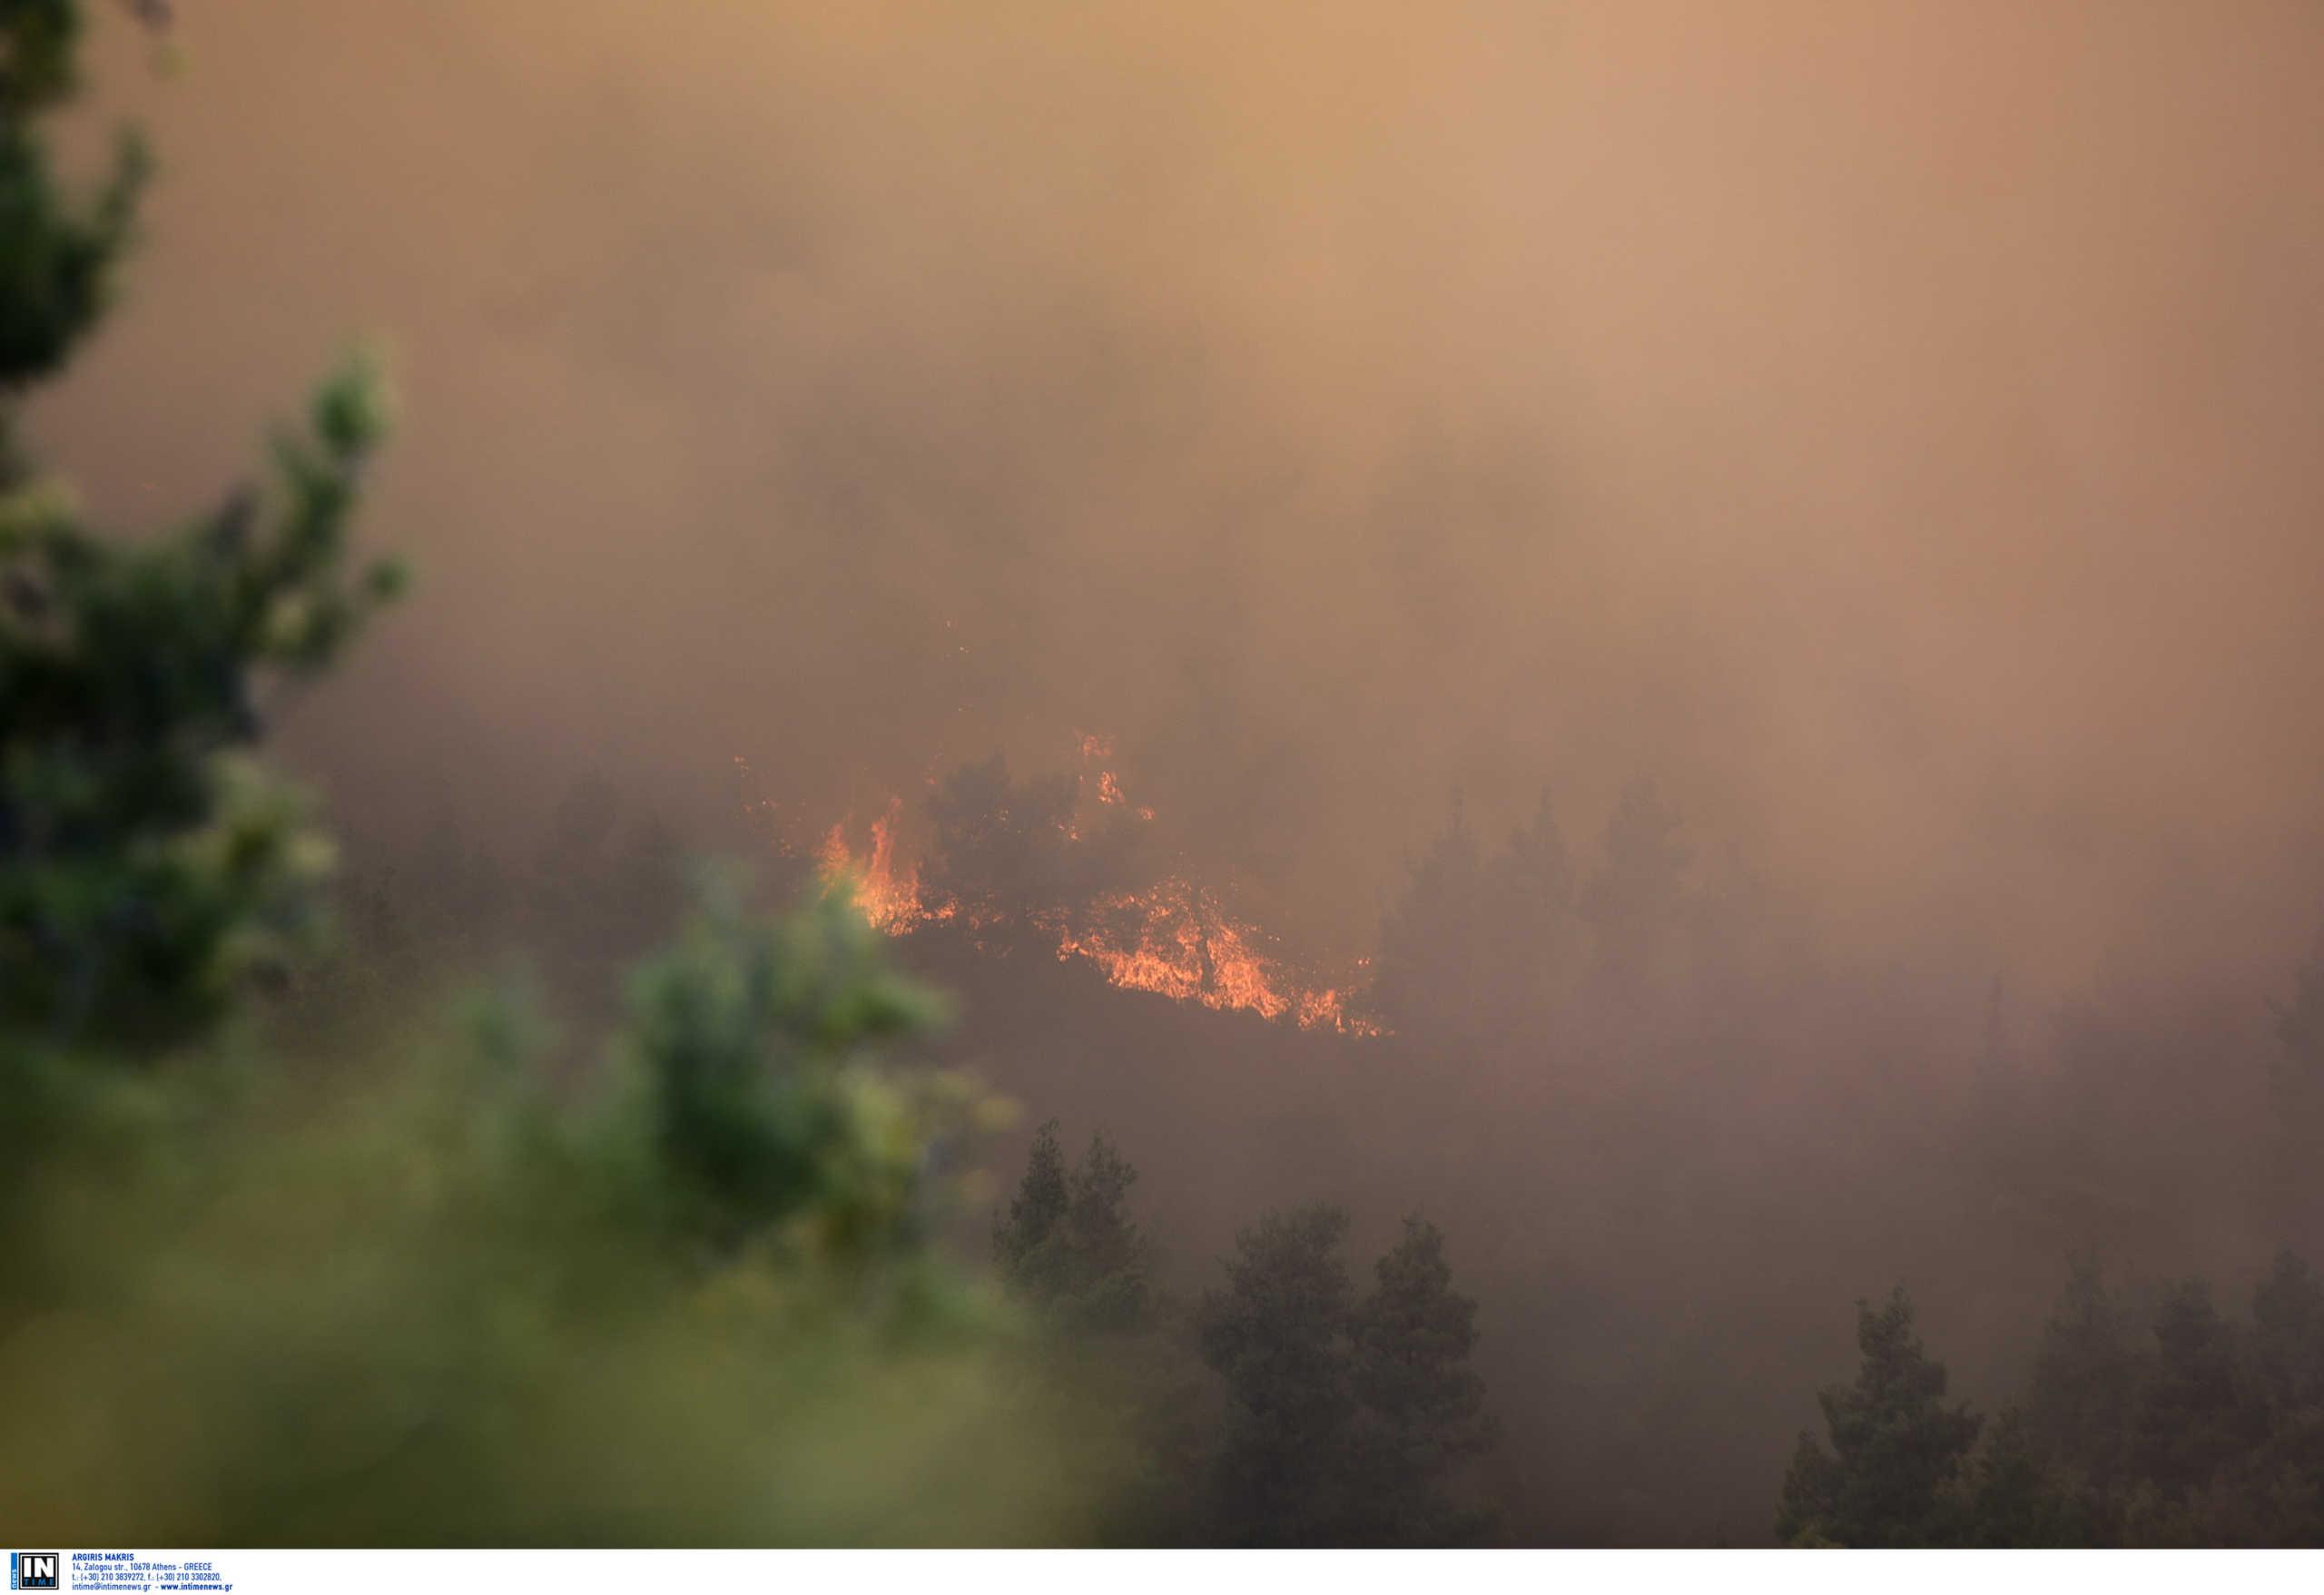 Συναγερμός για φωτιά στη Βάρη – Έκαψε δασική έκταση